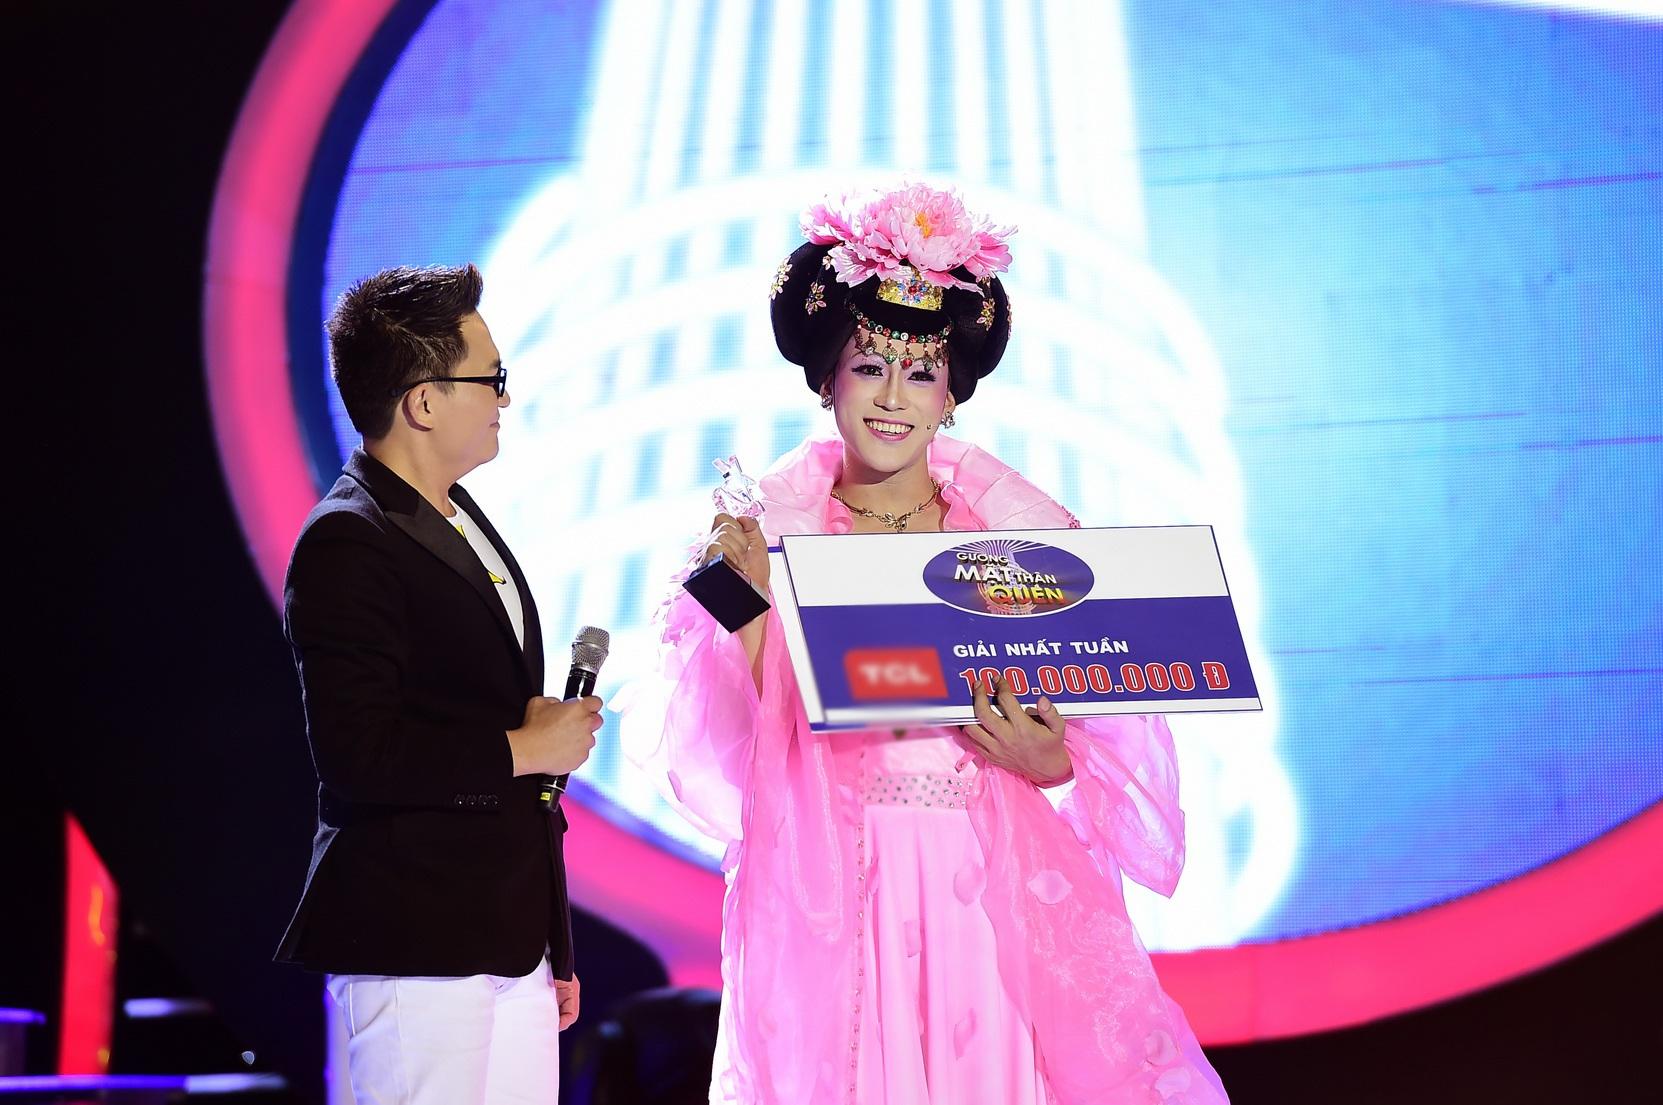 Với phần trình diễn này, Phan Ngọc Luân đã giành được chiến thắng nhất tuần lần đầu tiên sau 8 show với giải thưởng.